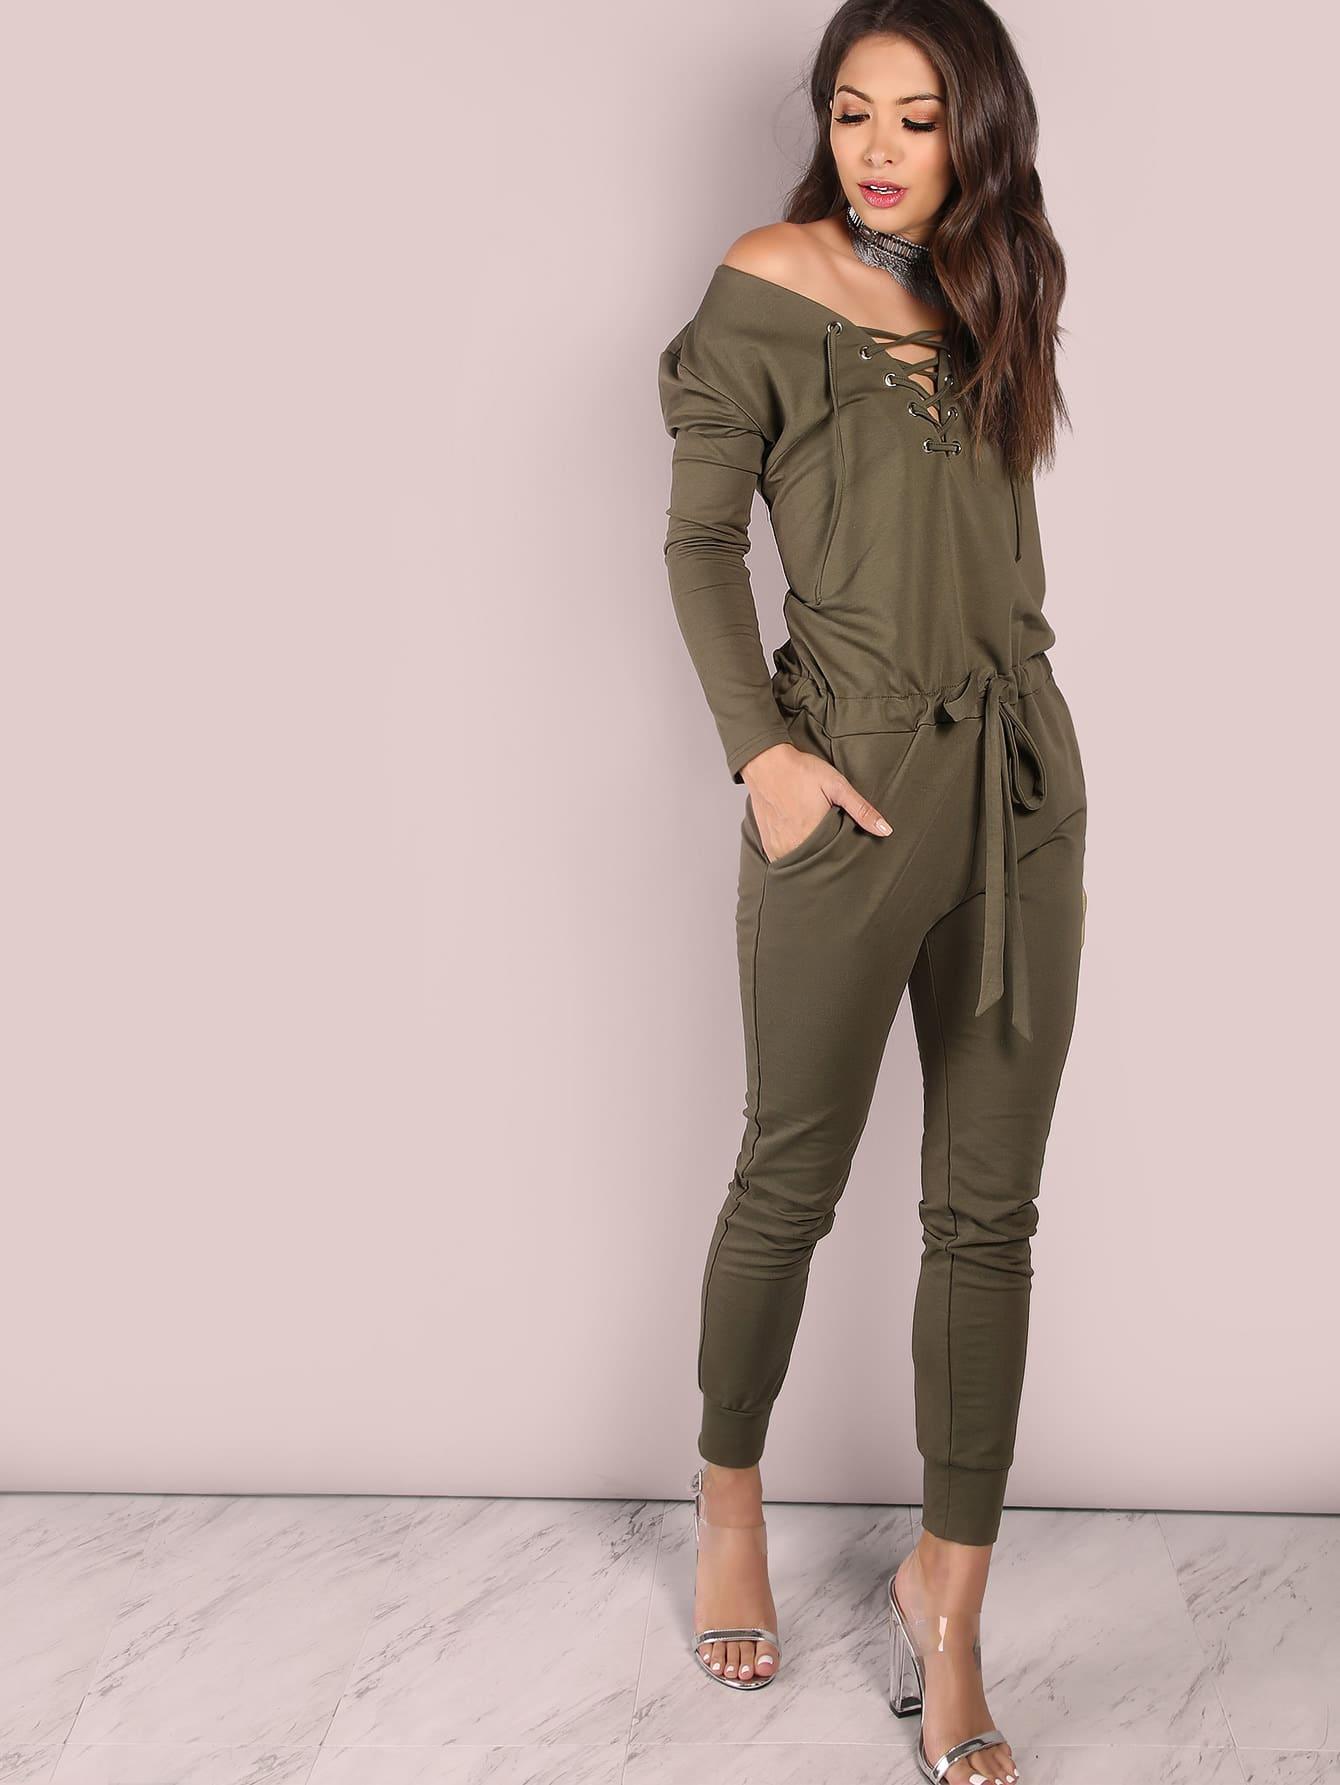 Slouchy Lace Up Cotton Jumpsuit OLIVE